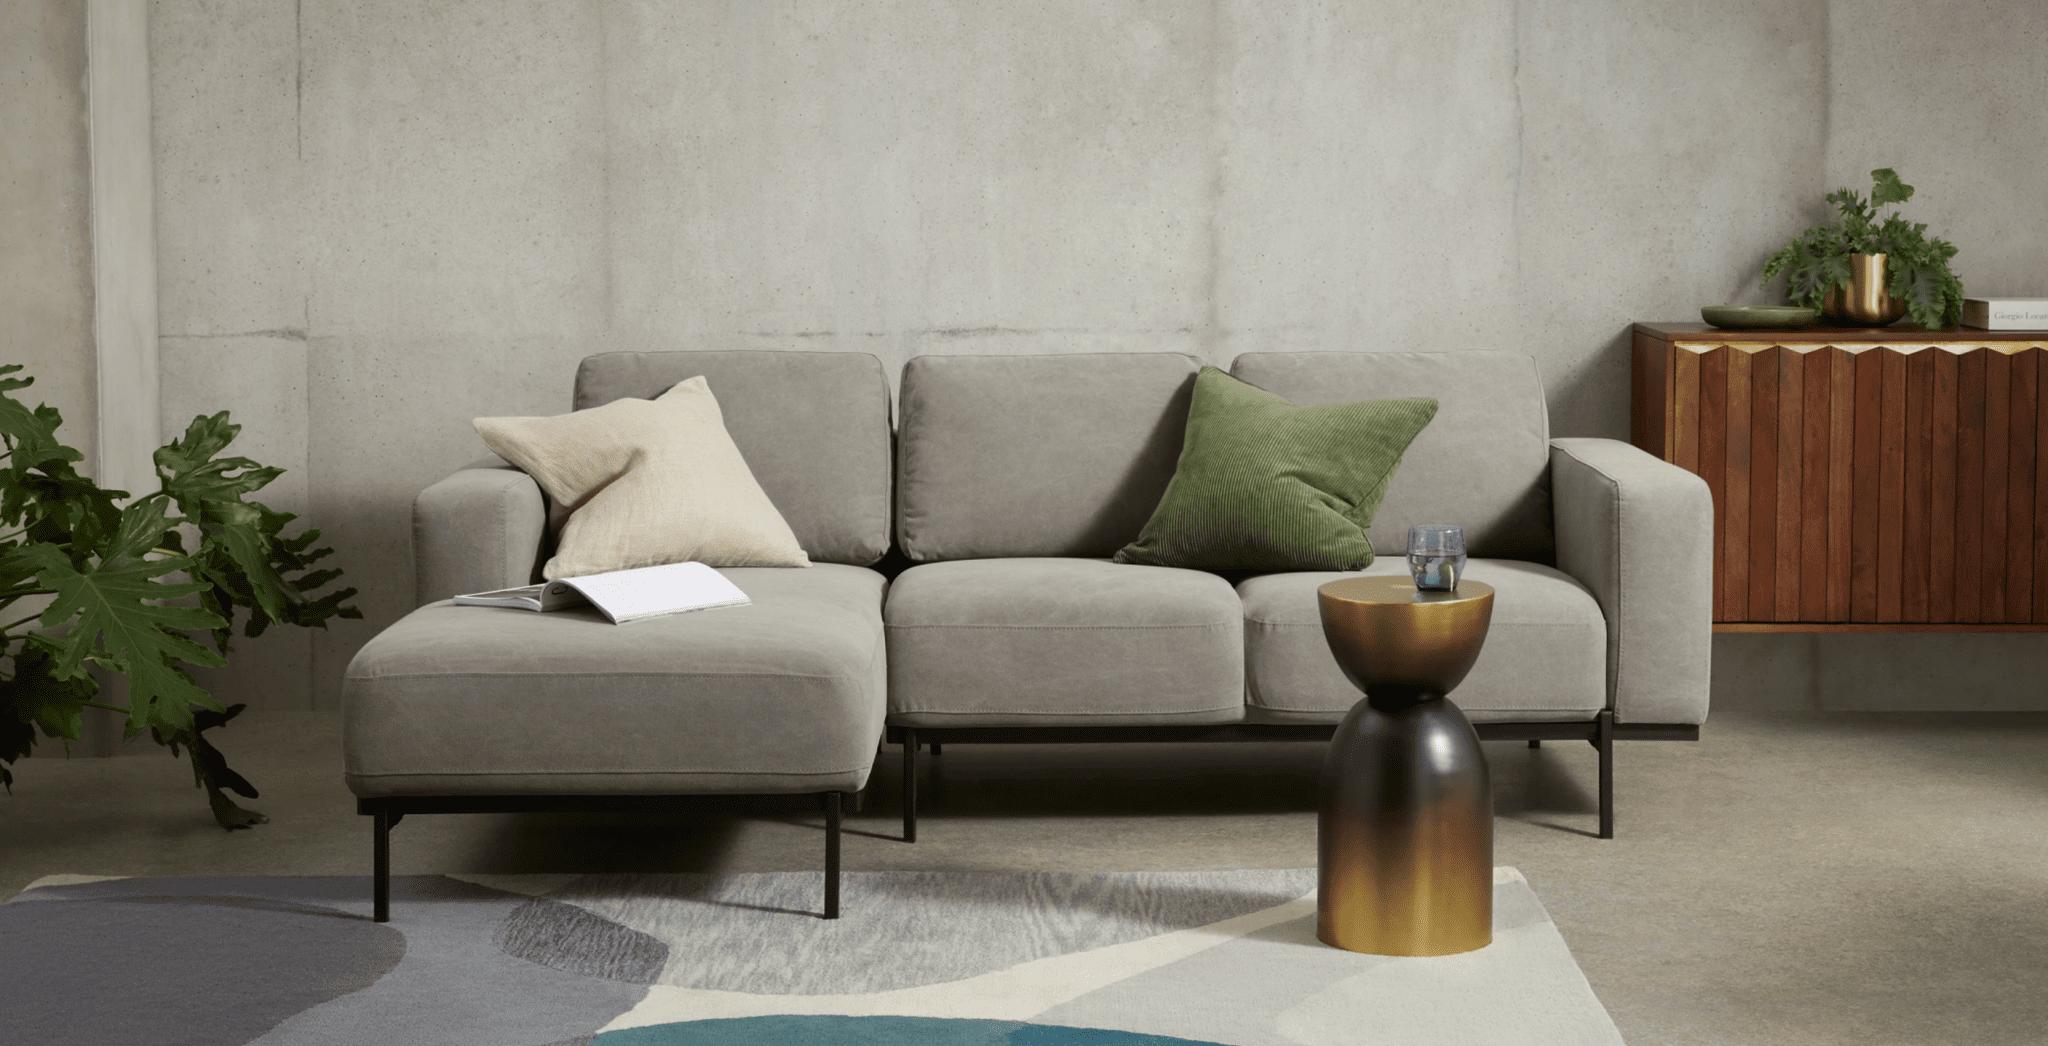 canapé en coton